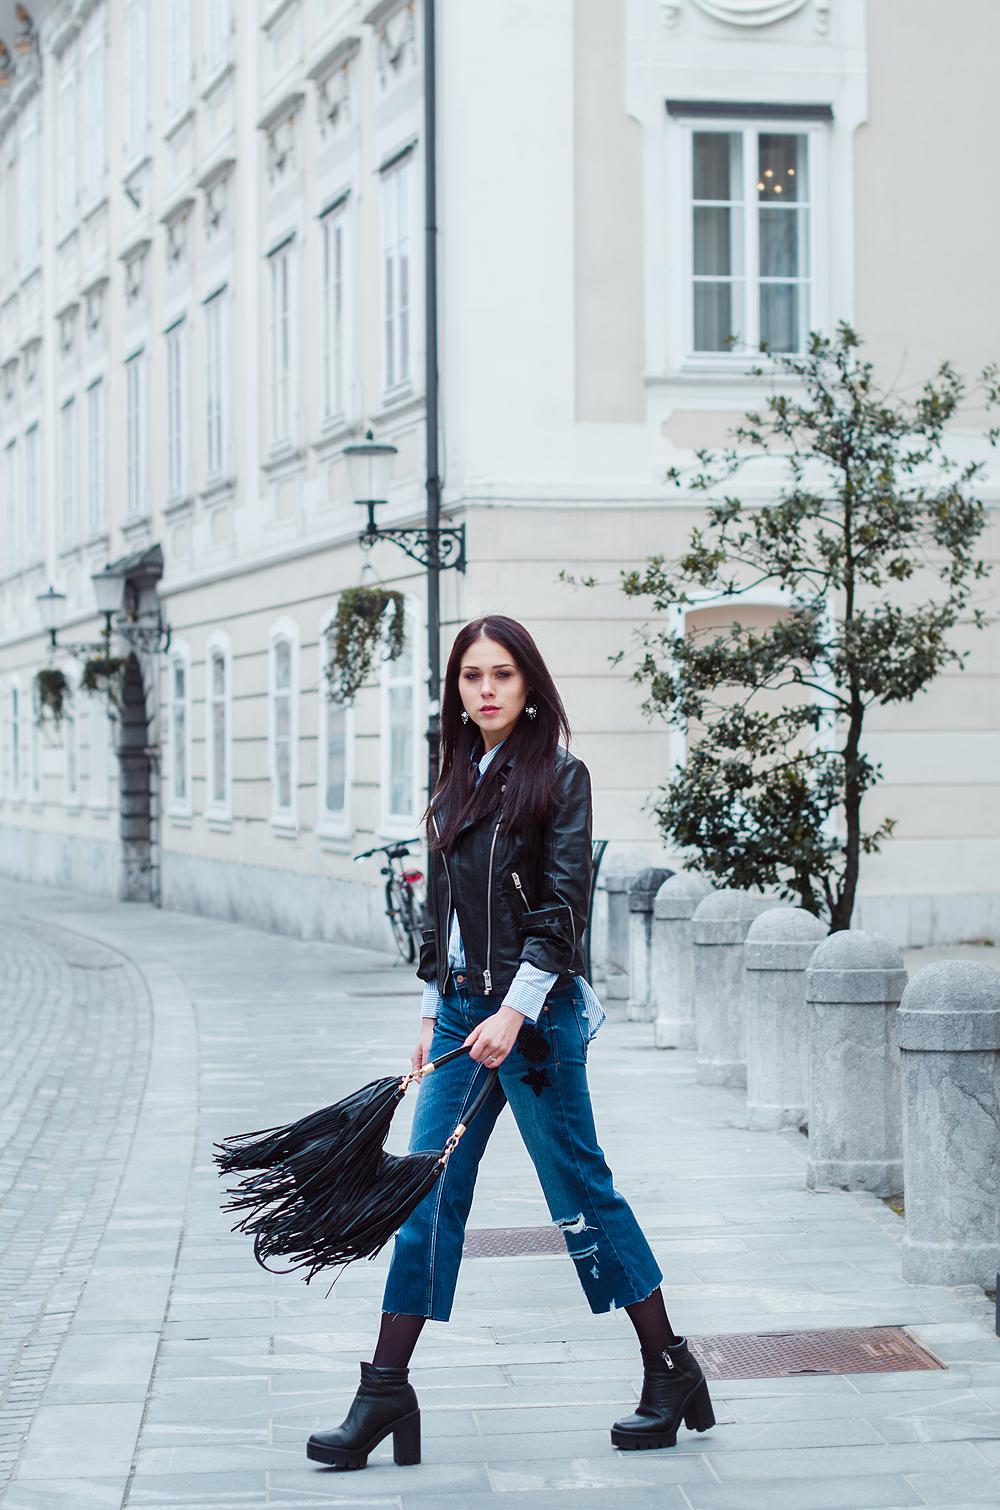 Eva Ahačevčič_Love, Eva_Diesel_leather jacket_Modni dodatki Bling bling_Crop pants_OOTD_Fringes_H&M 1